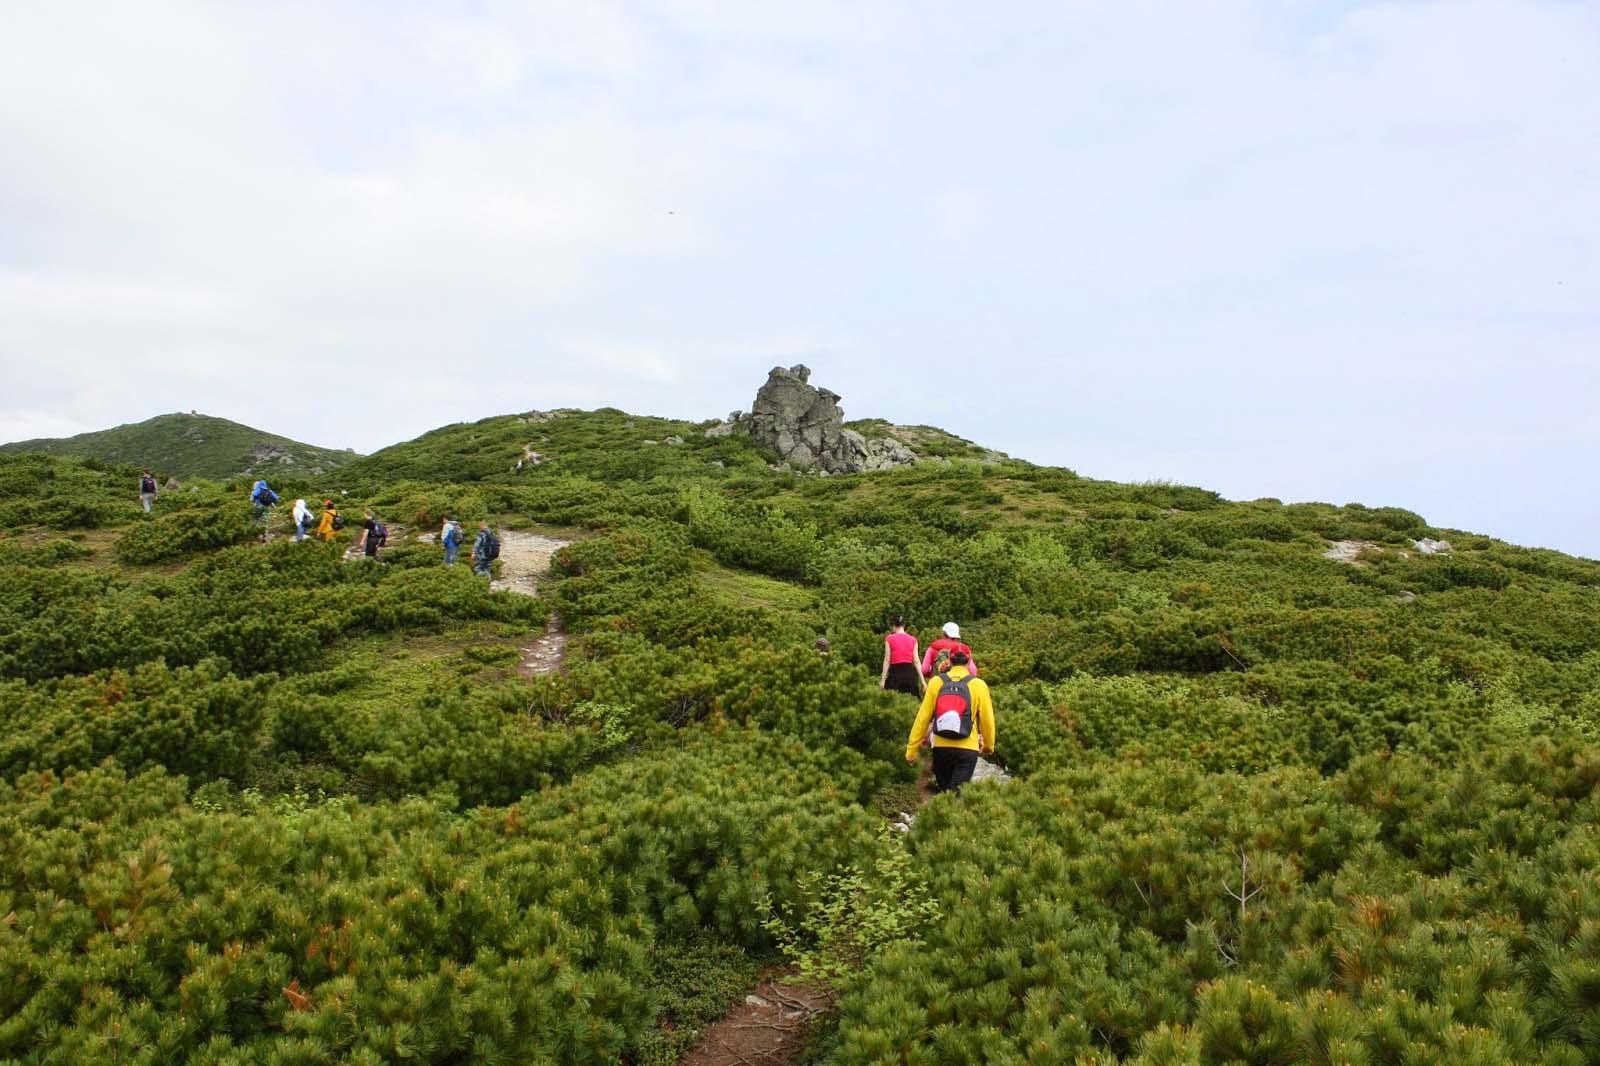 На вершину горы ведет оборудованная тропа